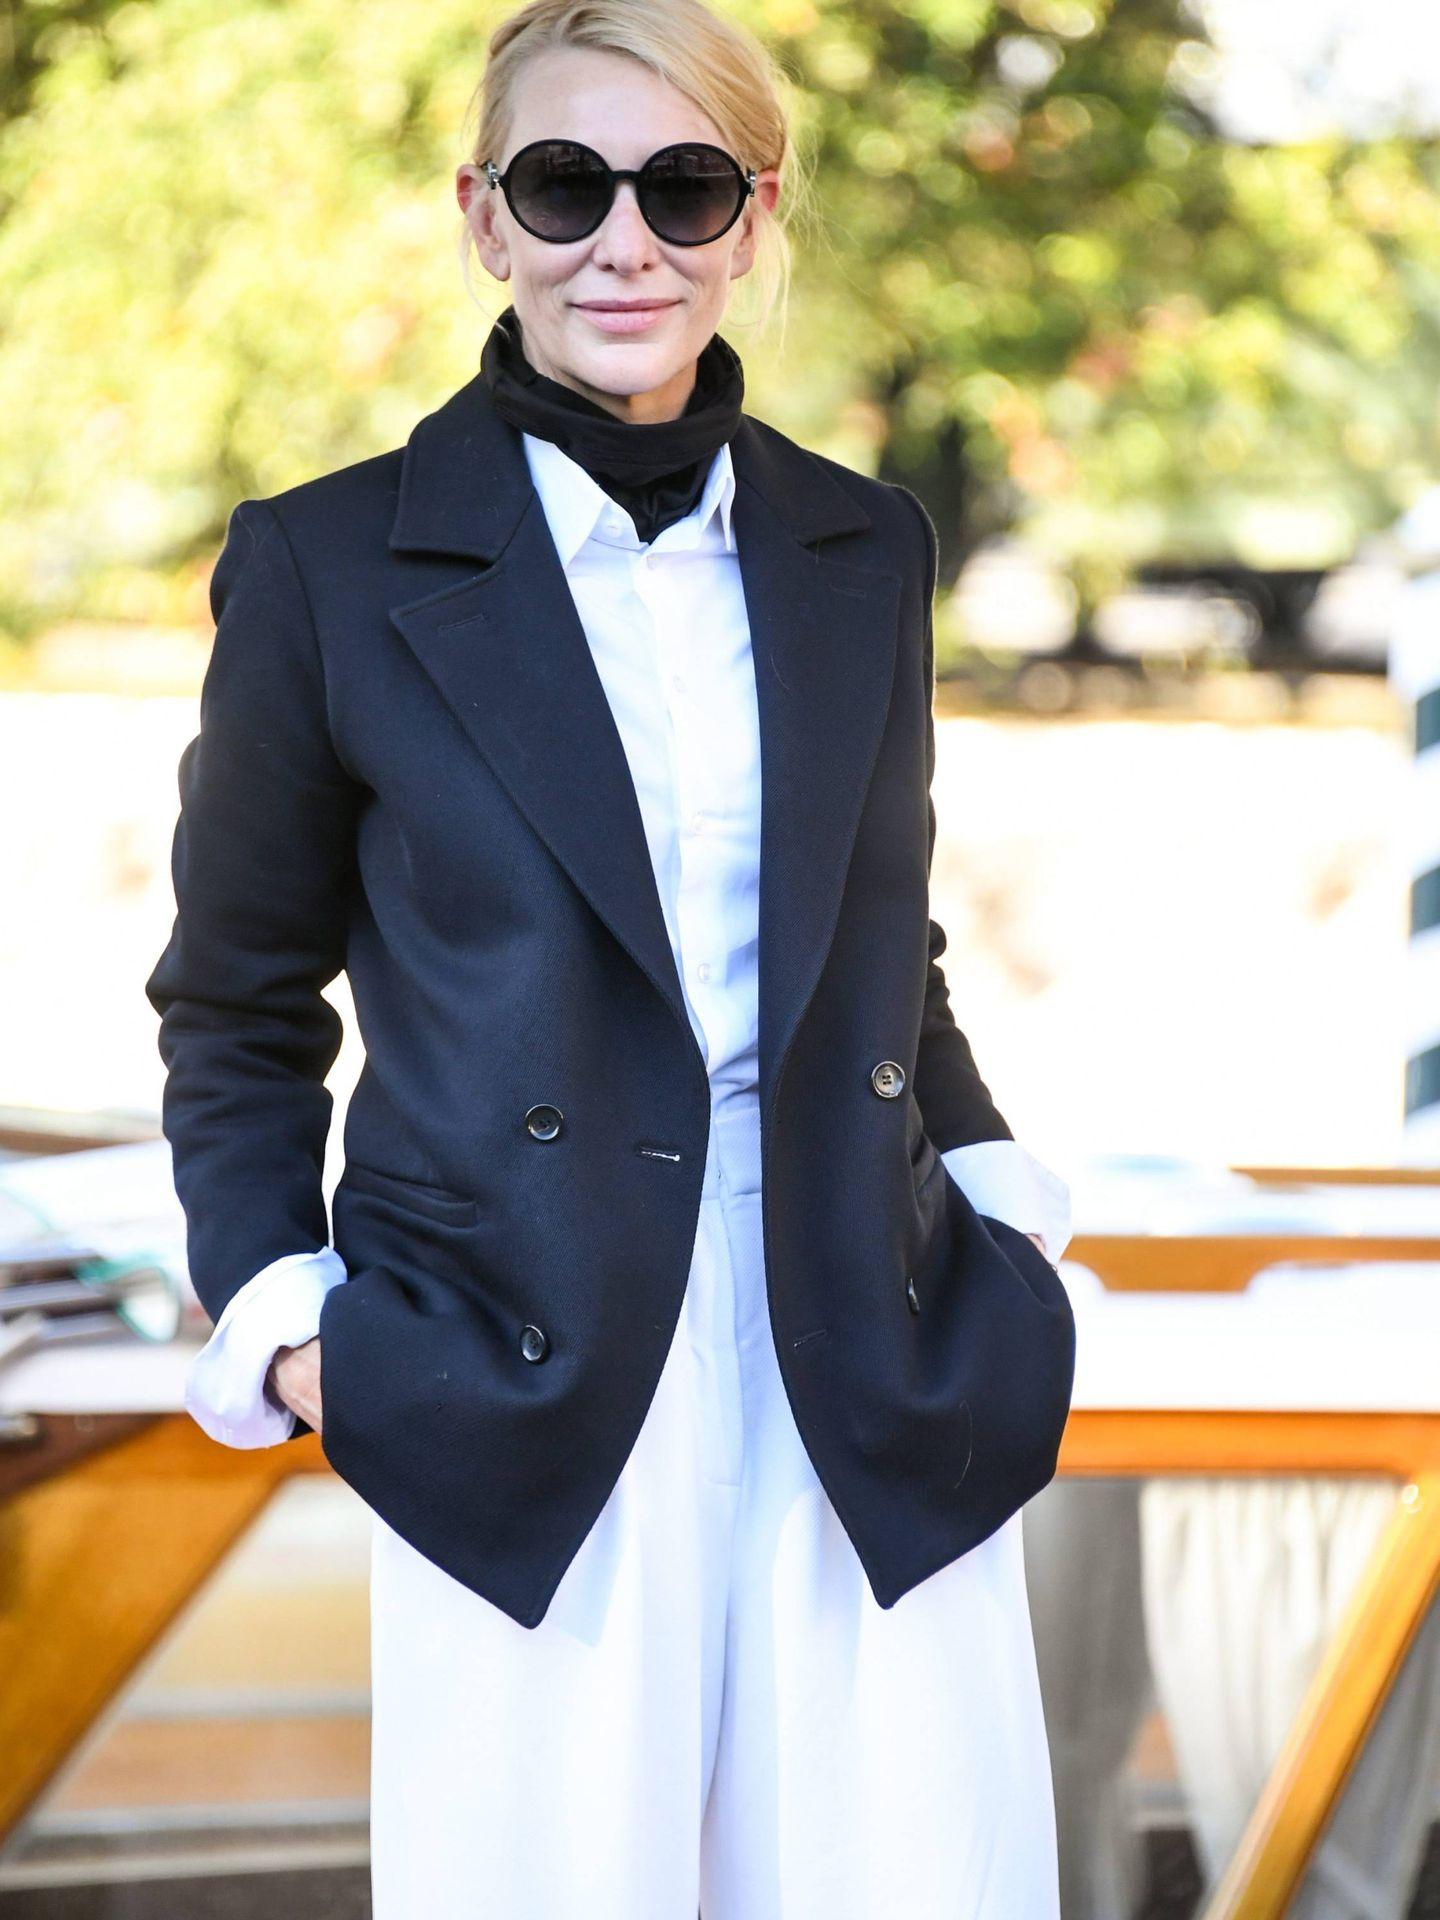 Detall de la camisa y el cuelo del look de Cate Blanchett. (Cordon Press)